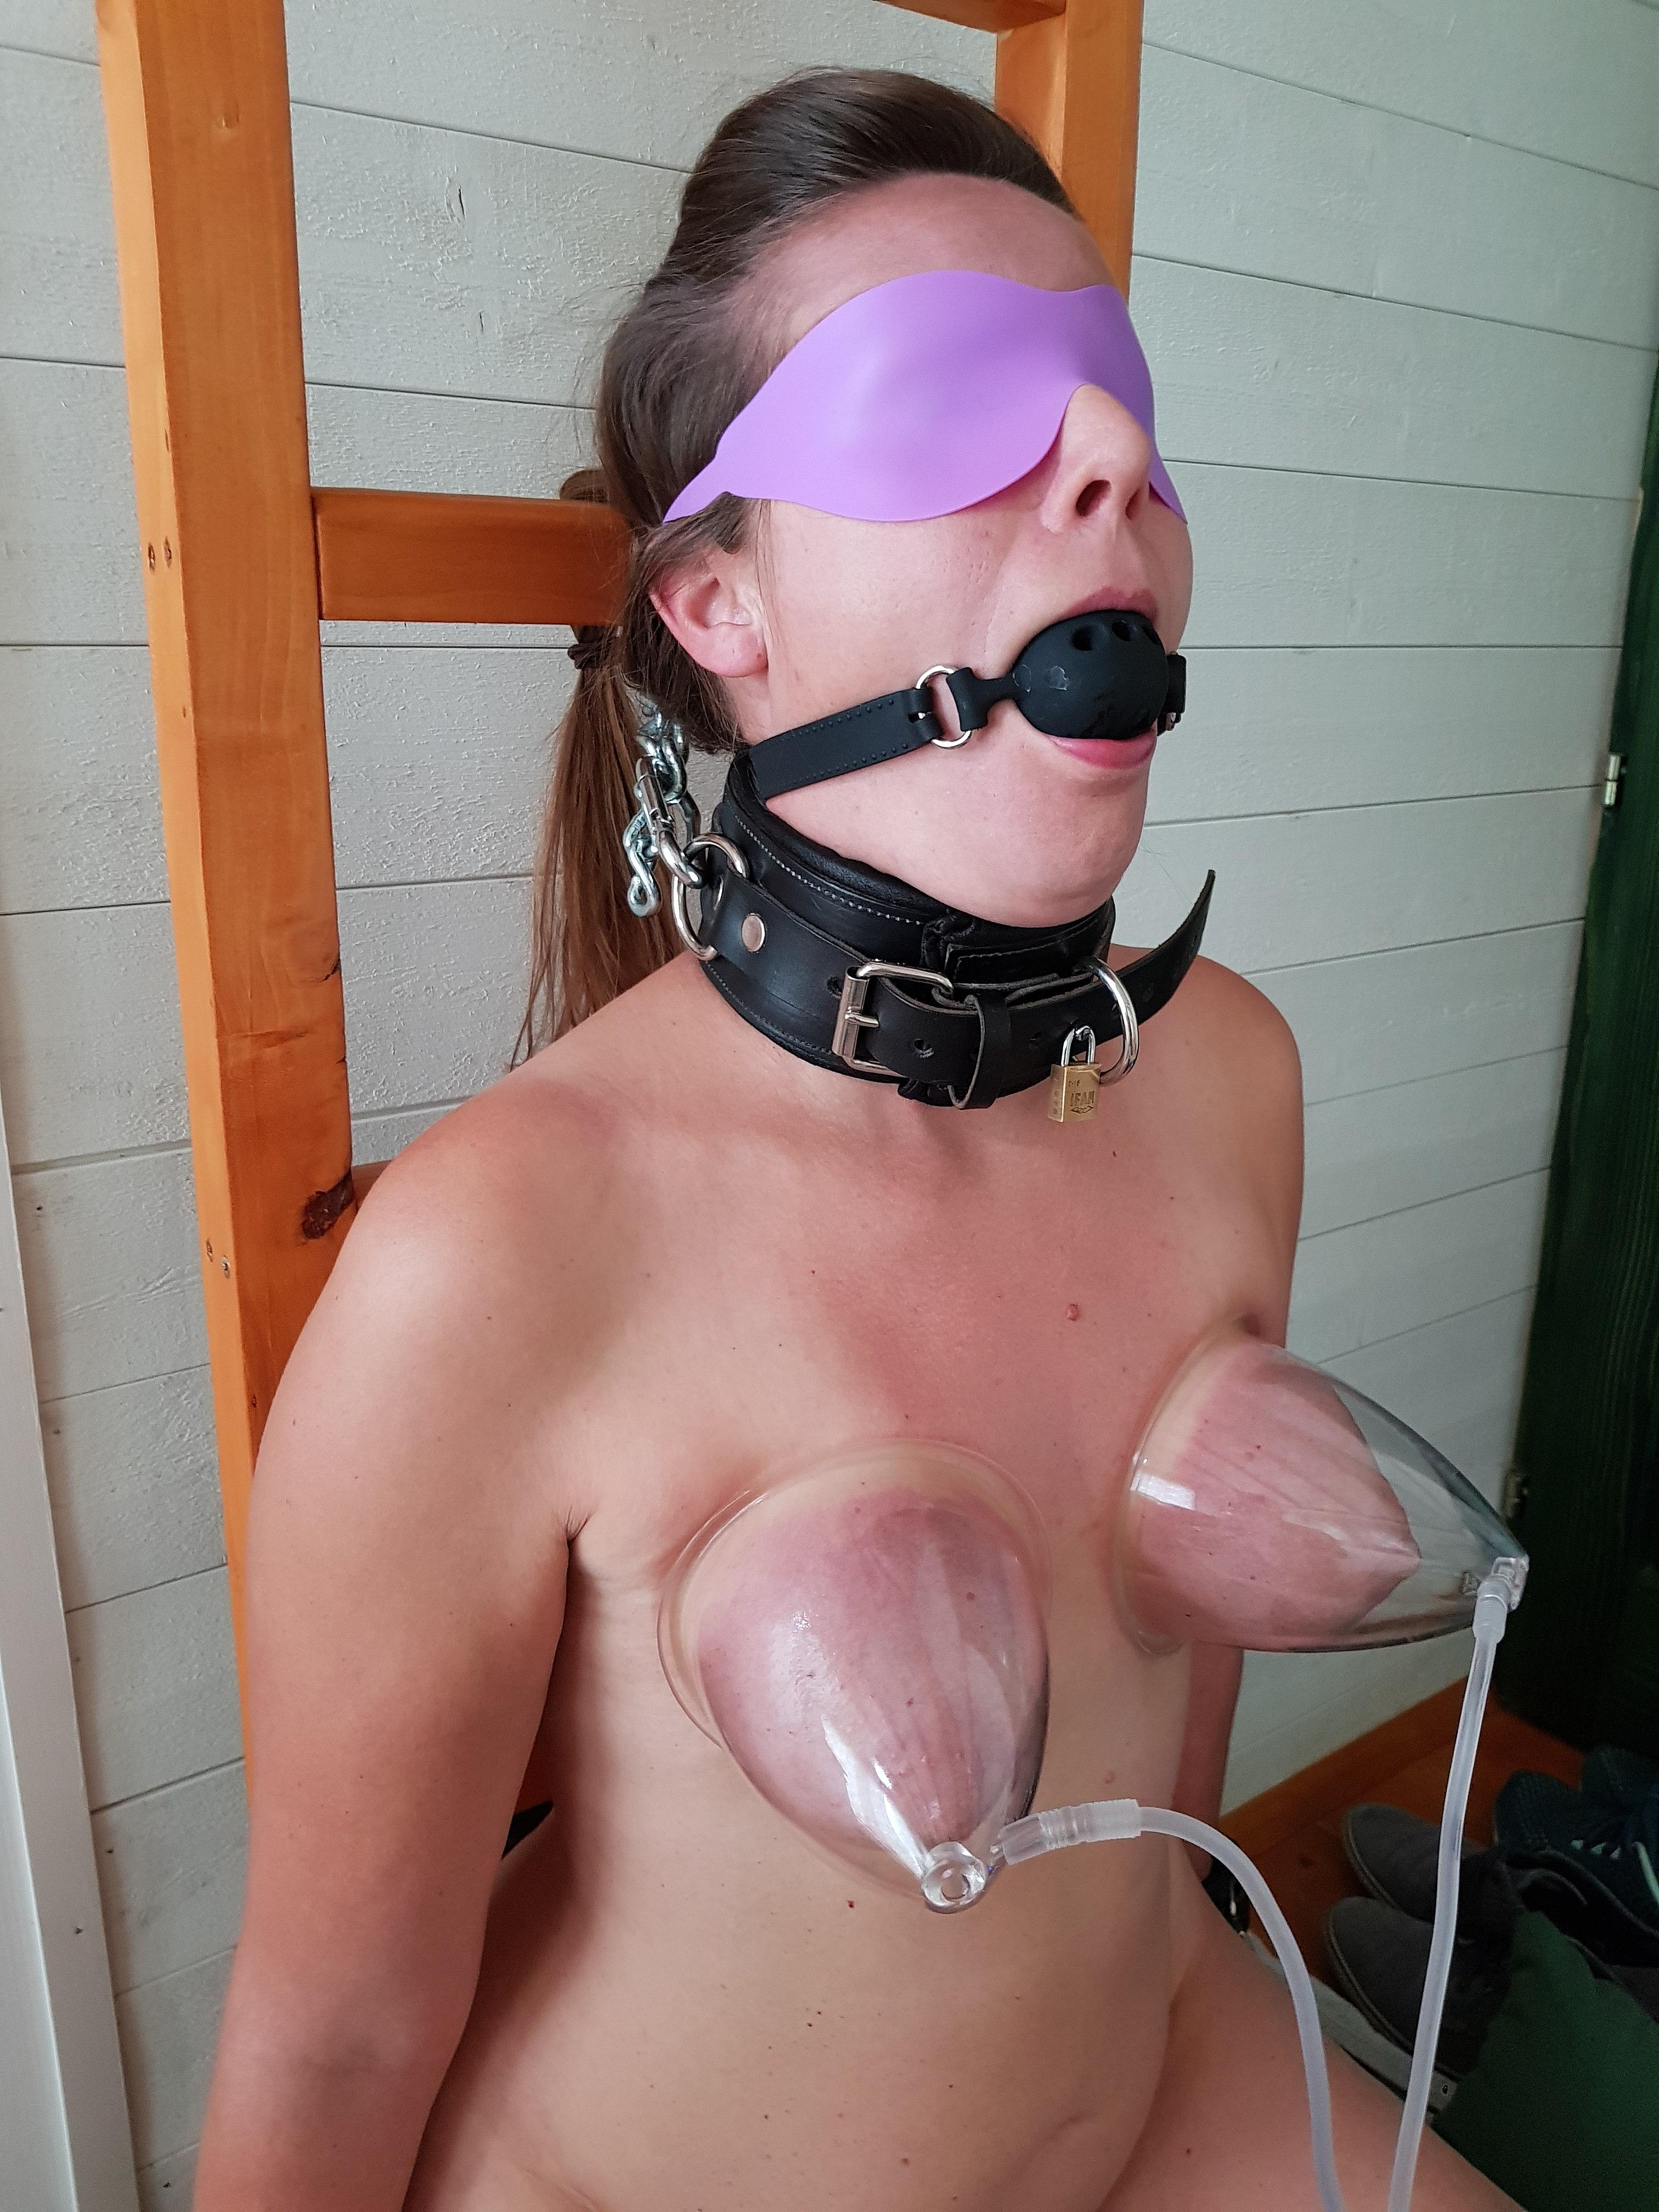 xhamster nipple vacuum bondage